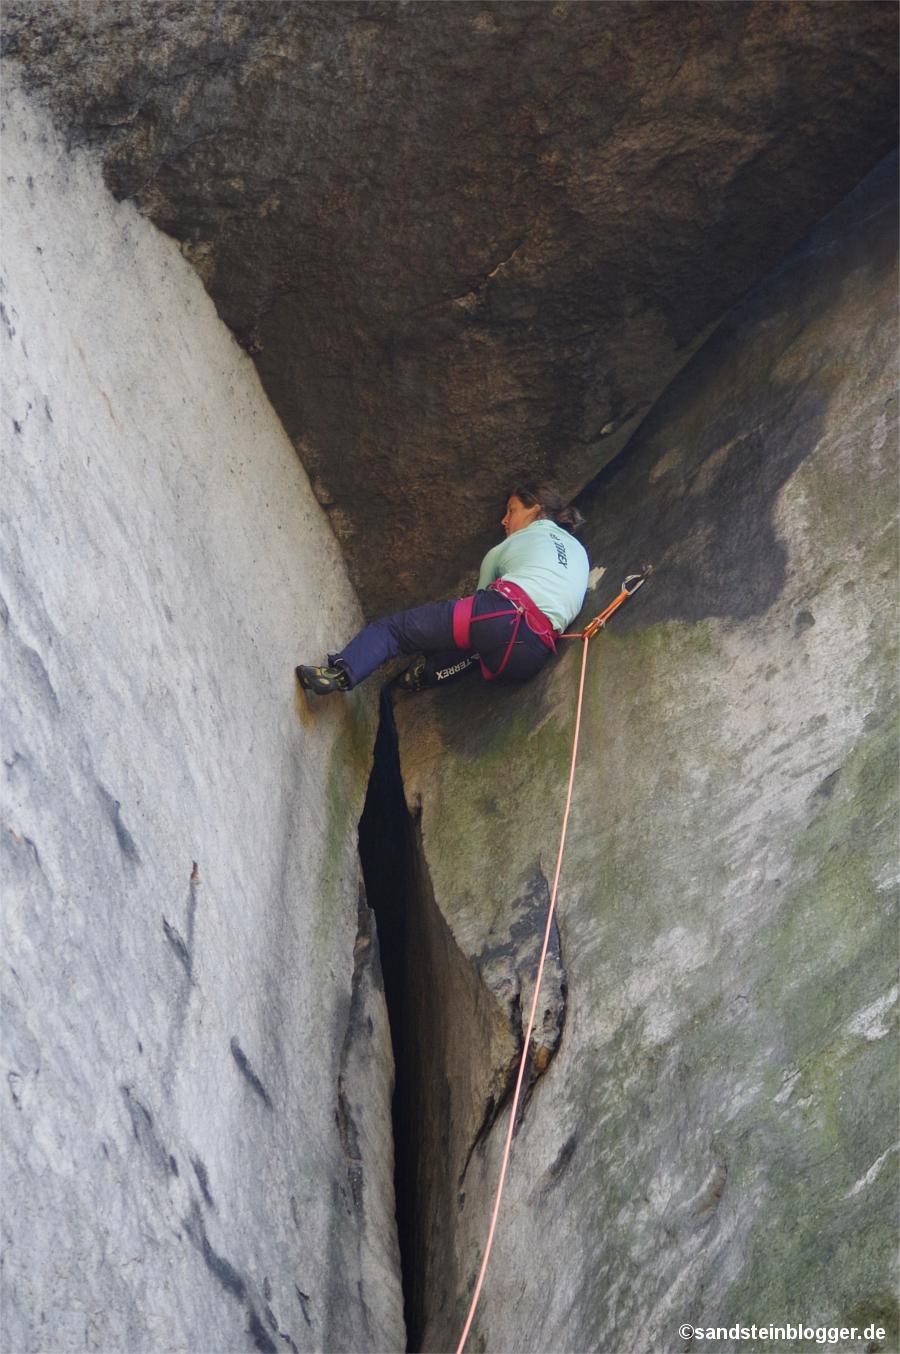 Frau klettert Felsriss